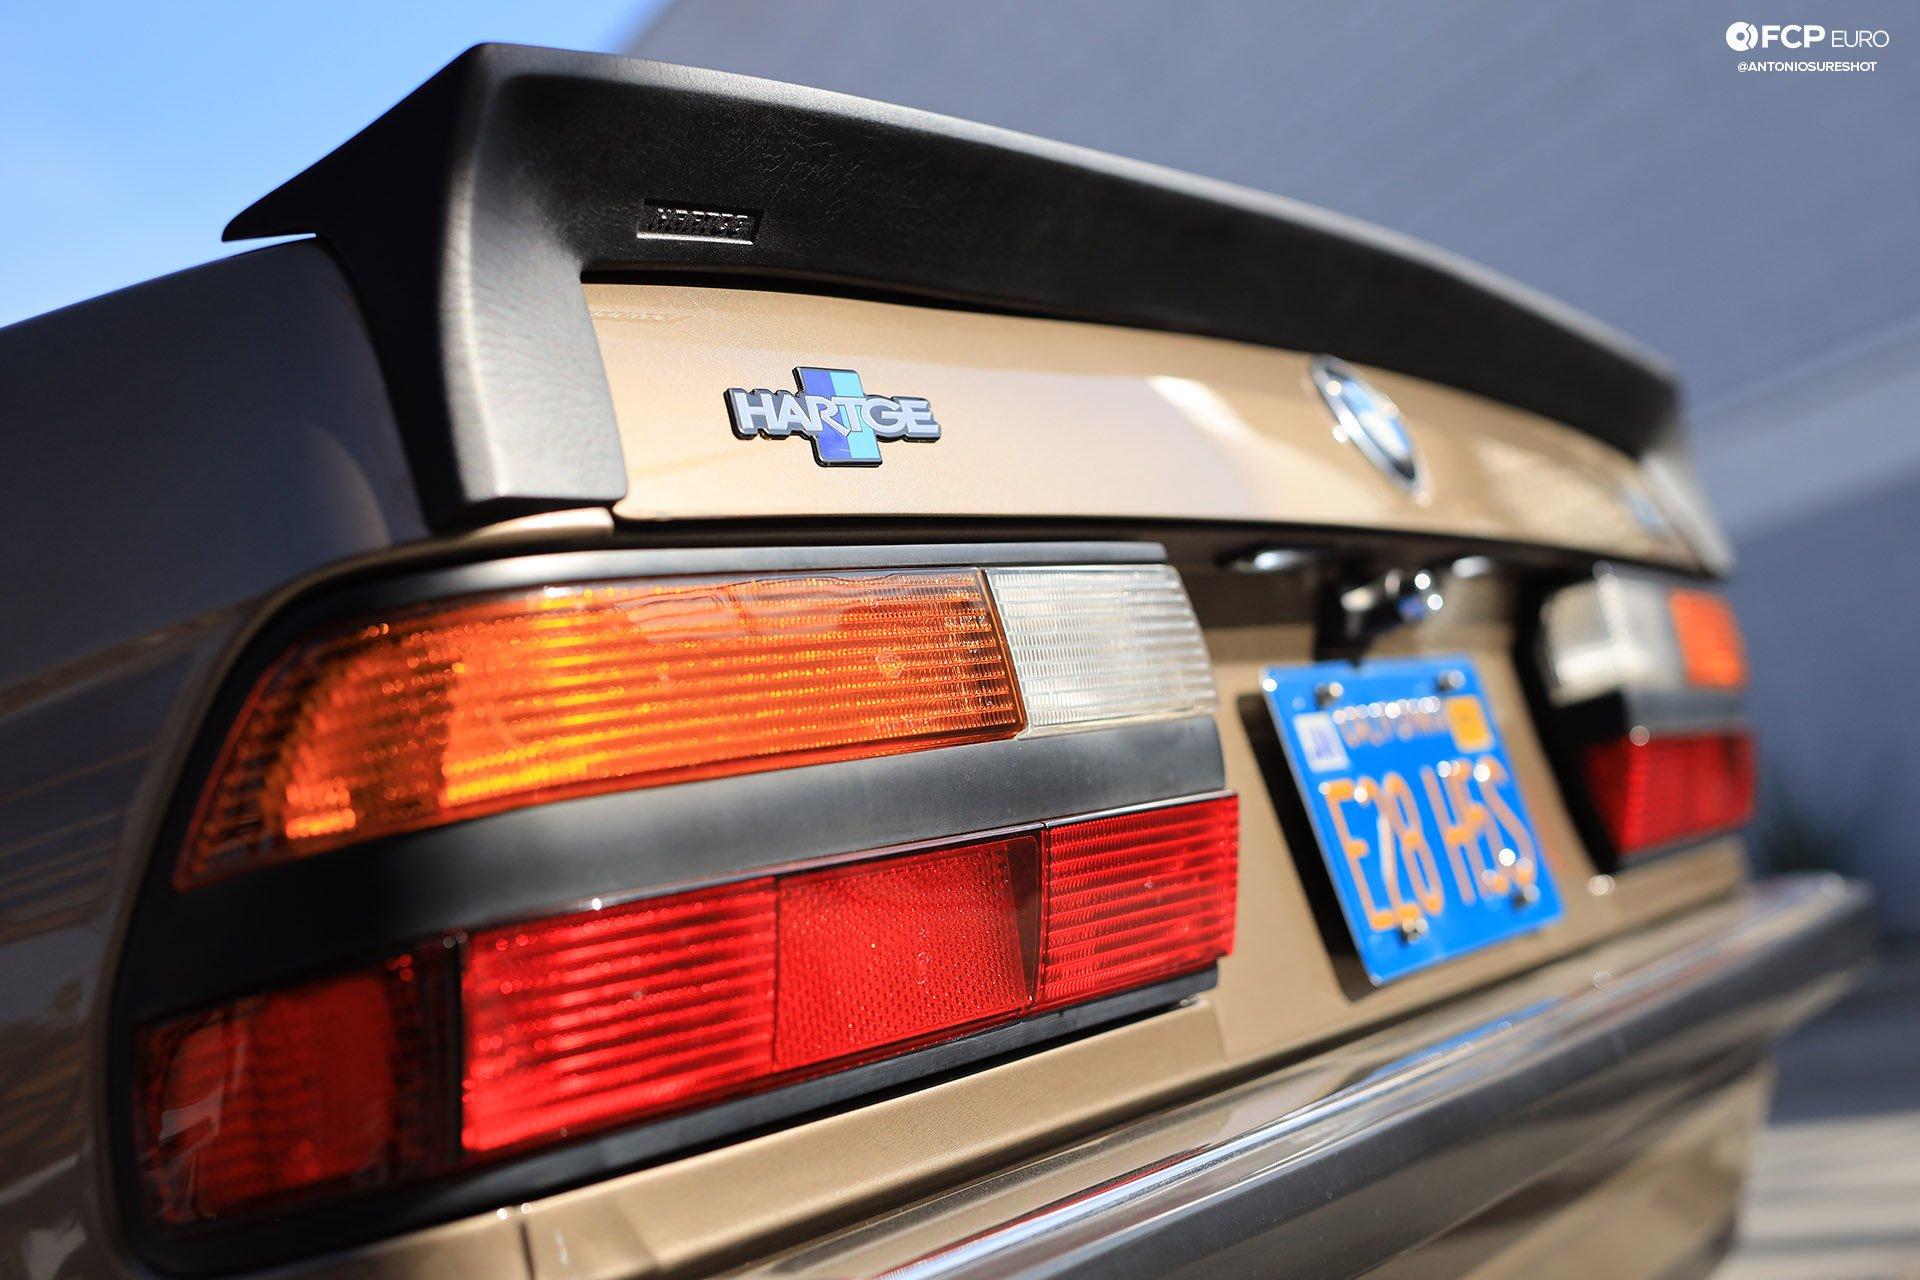 Hartge E28 BMW 535i EOSR5661